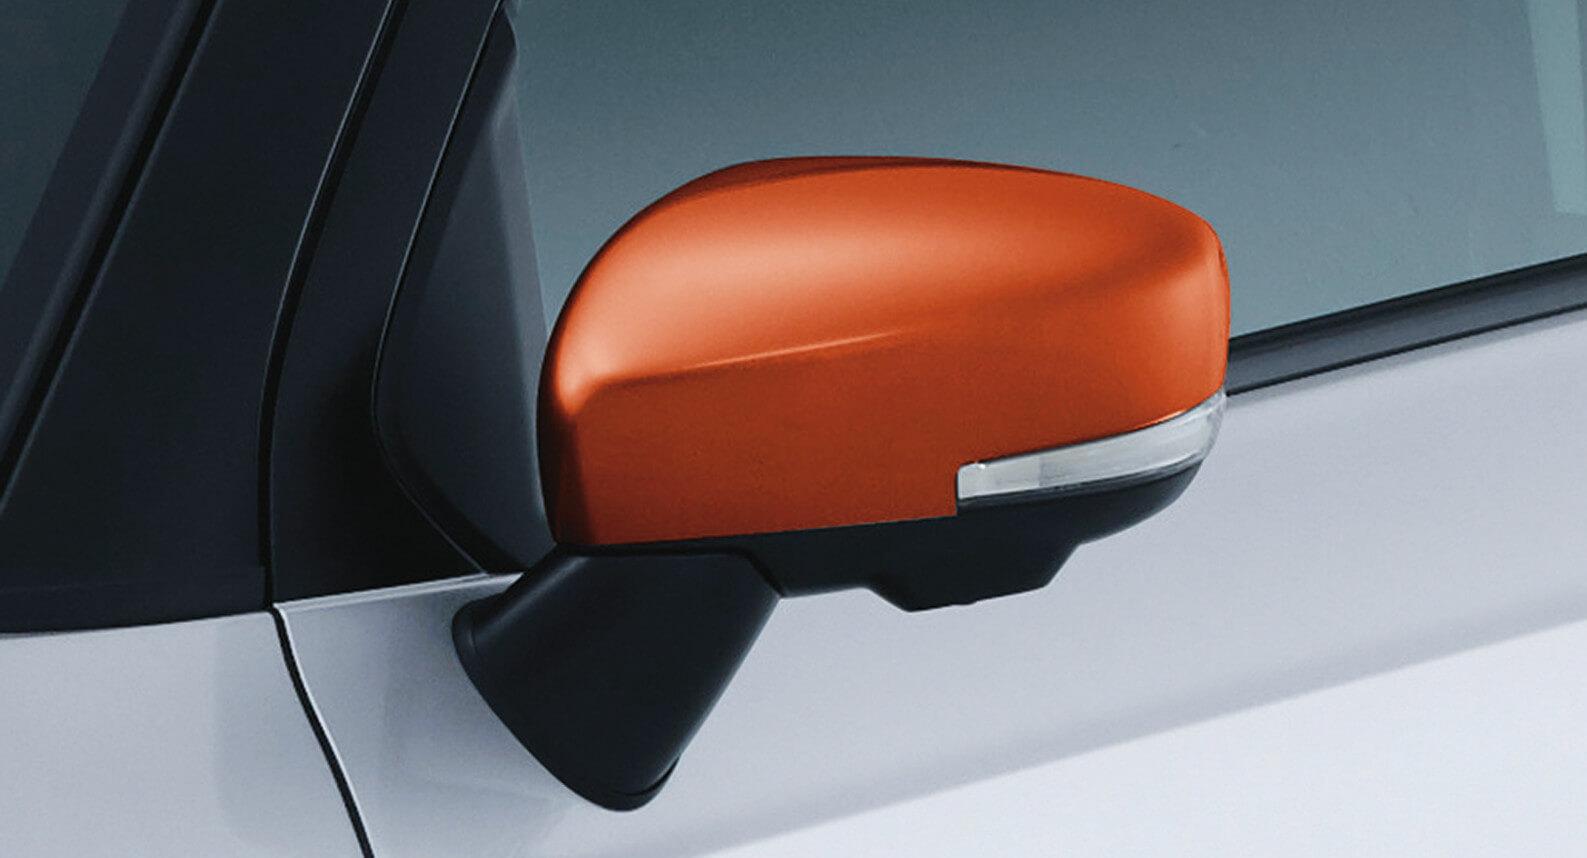 Ignis - Door Mirror Cover, Orange